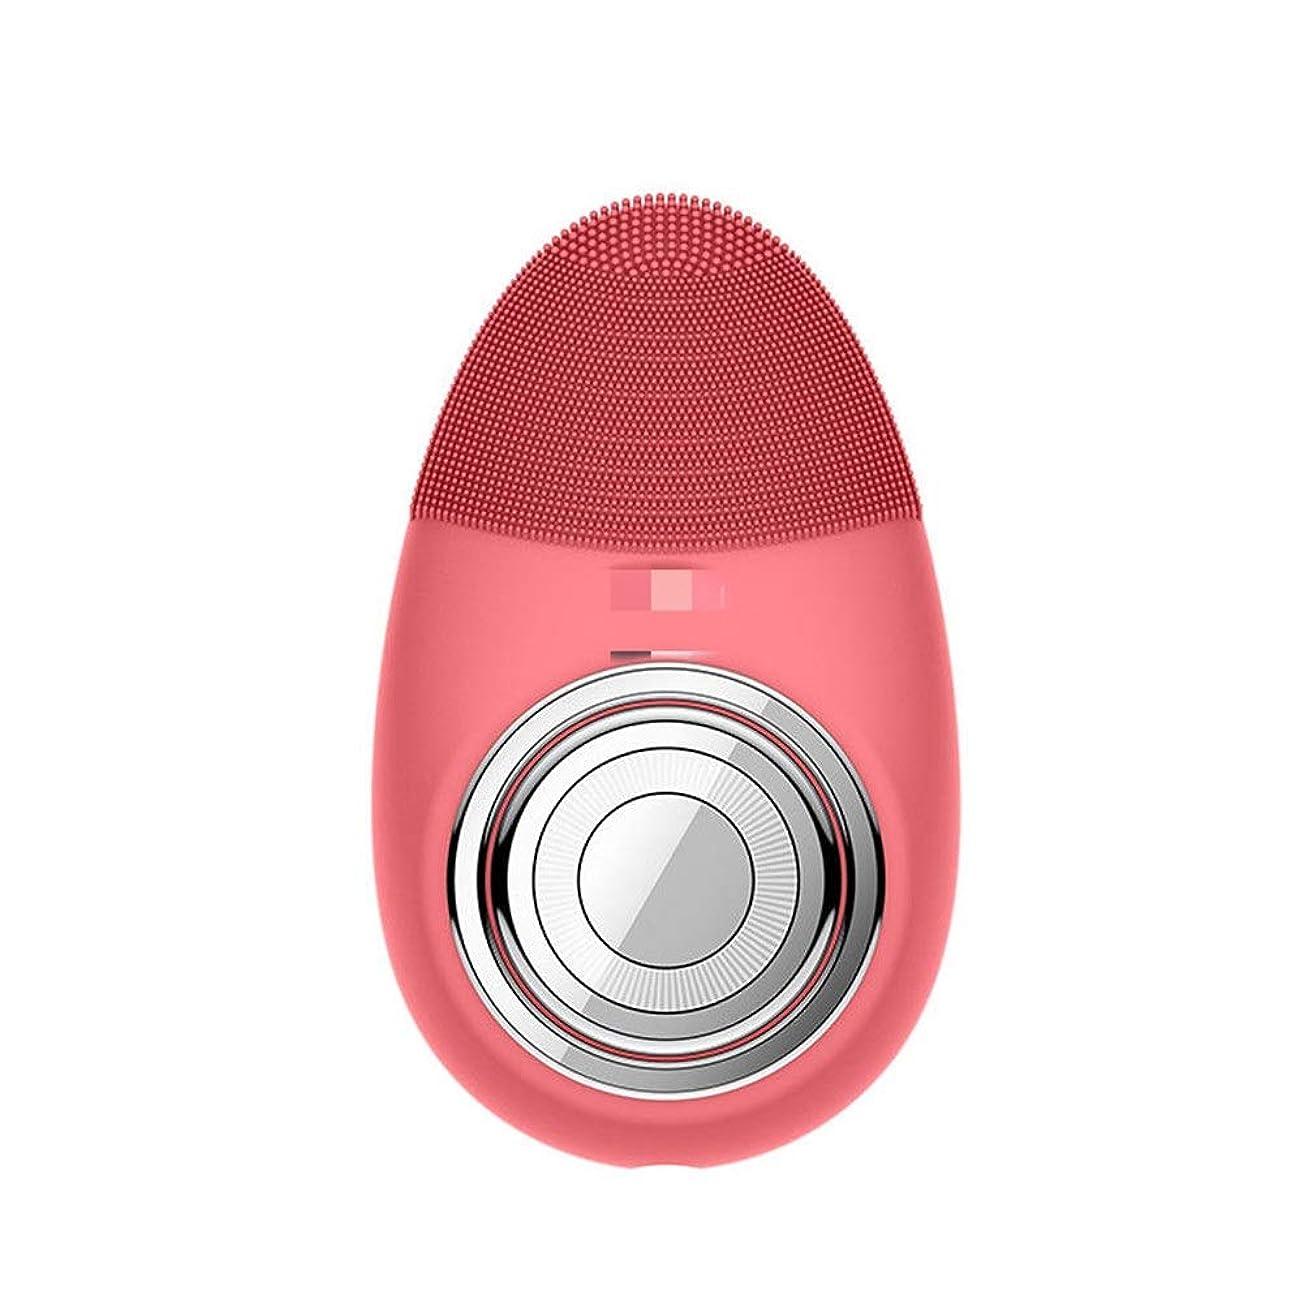 エリート編集する幻影Chaopeng 多機能電気恒温シリコーンクレンジング楽器赤灯肌清潔毛穴クリーナー輸入機器美容機器 (Color : Red)